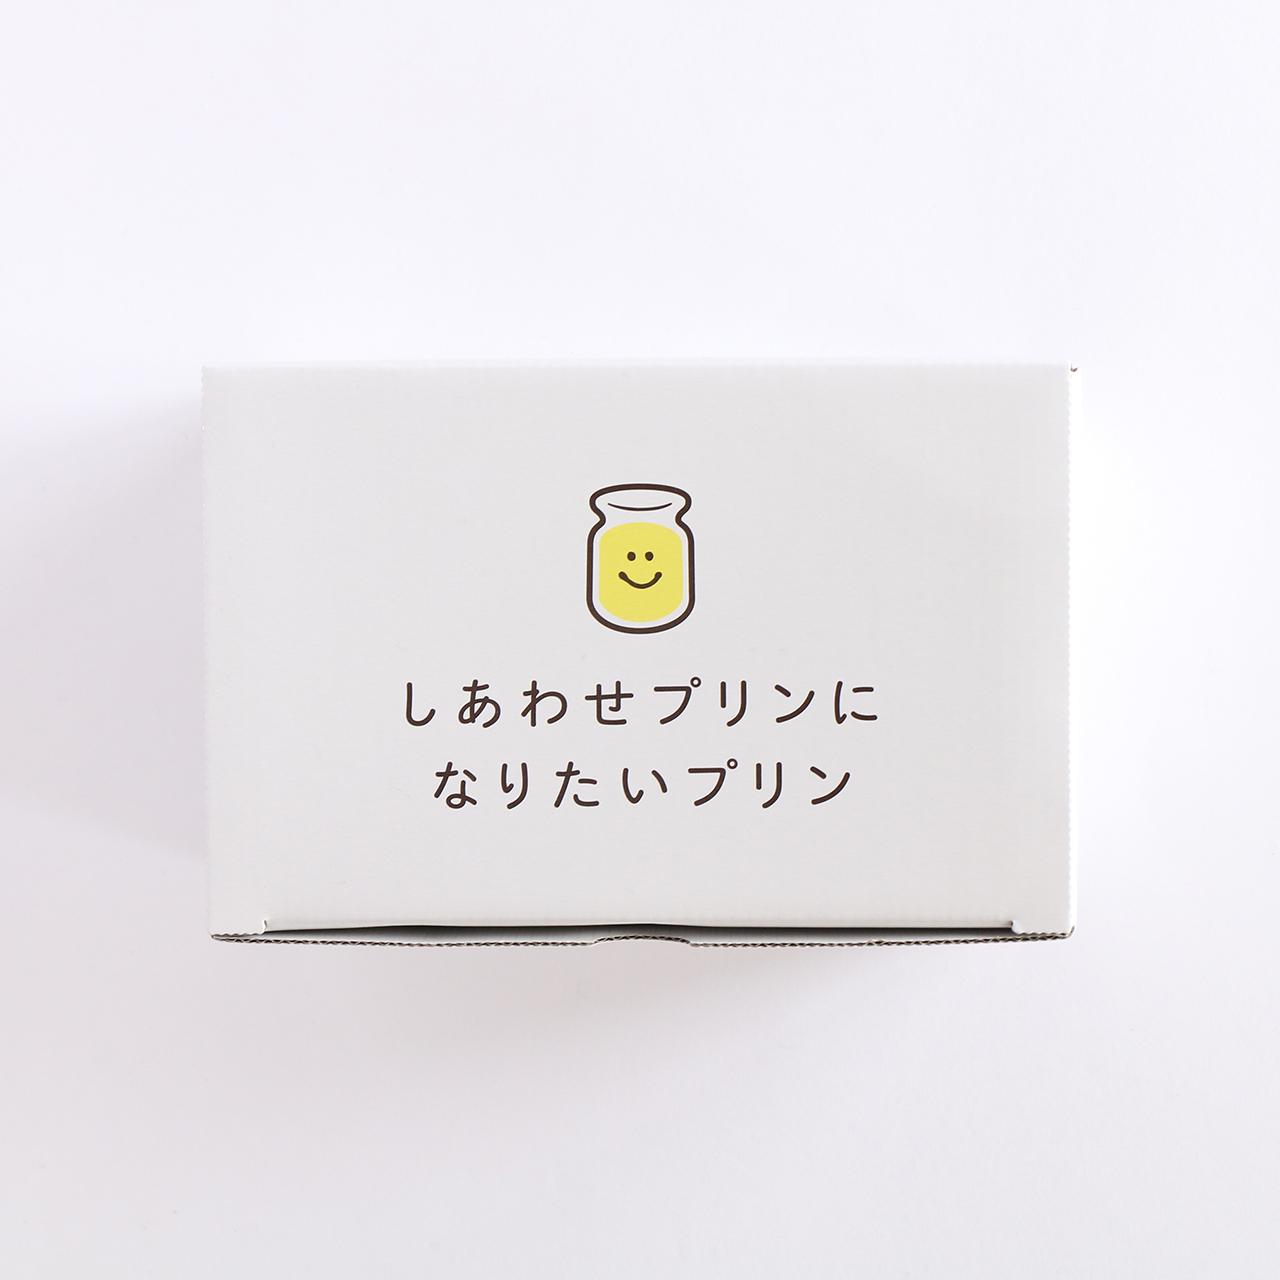 【8/4発送分】しあわせプリンになりたいプリン 6個セット